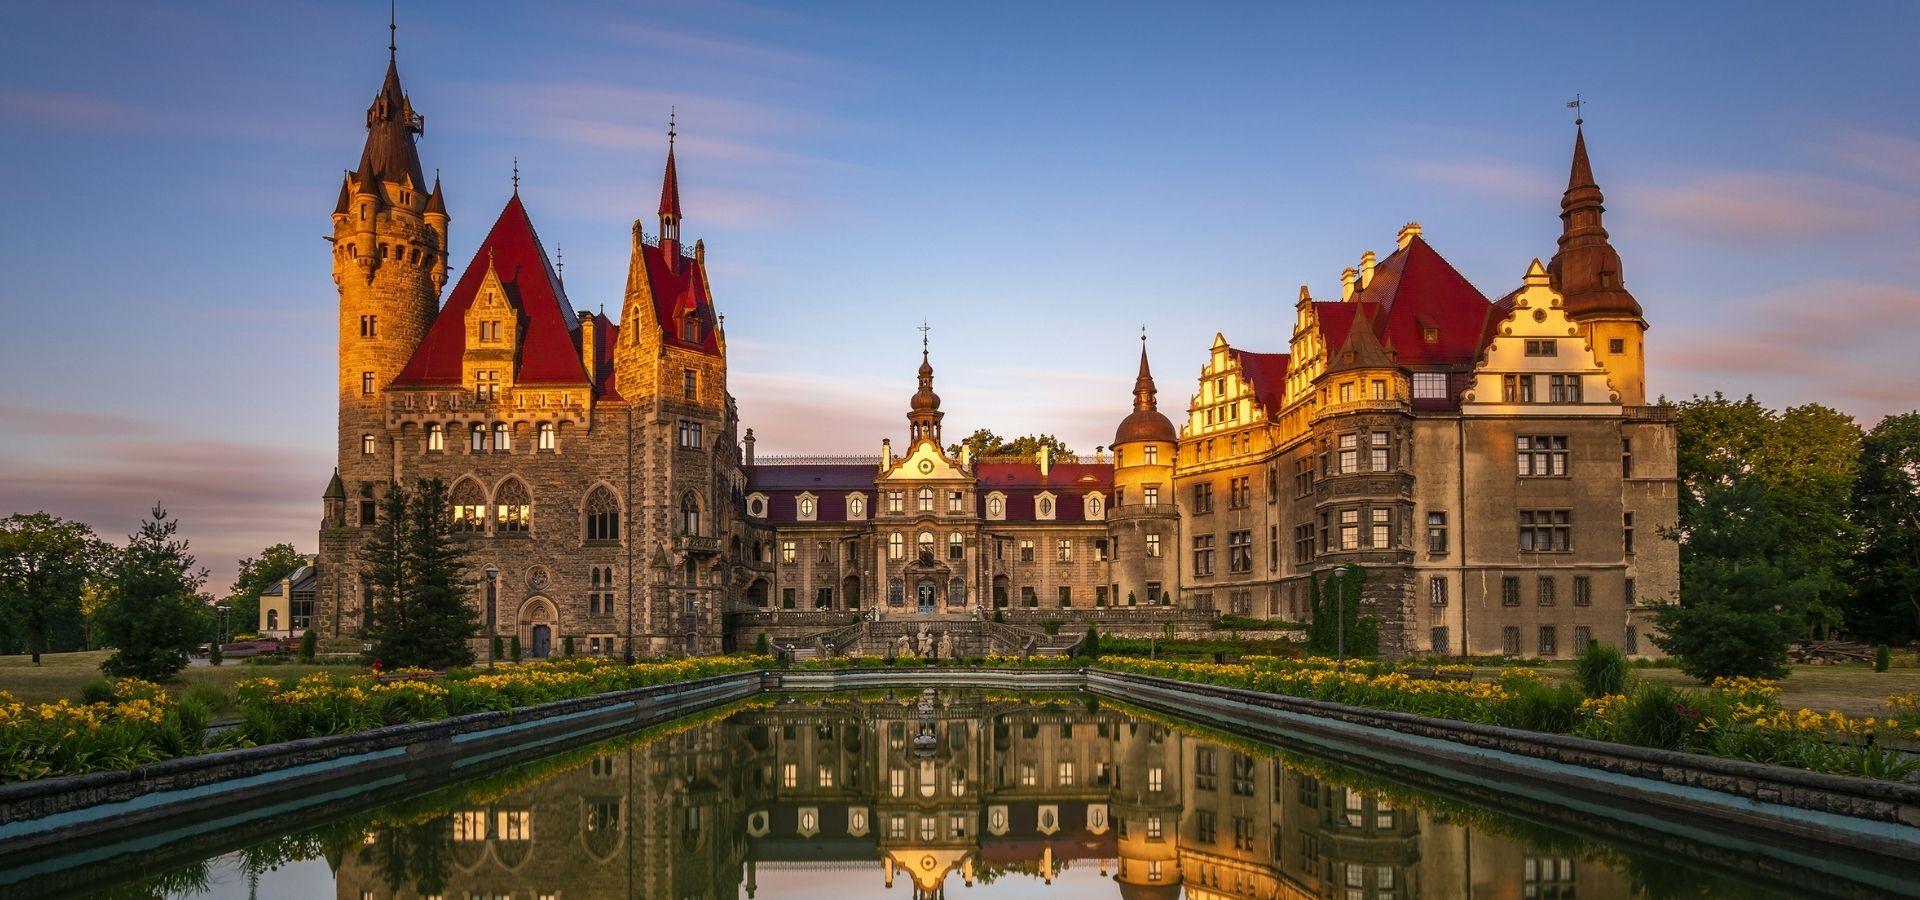 Moszna Castle 1920